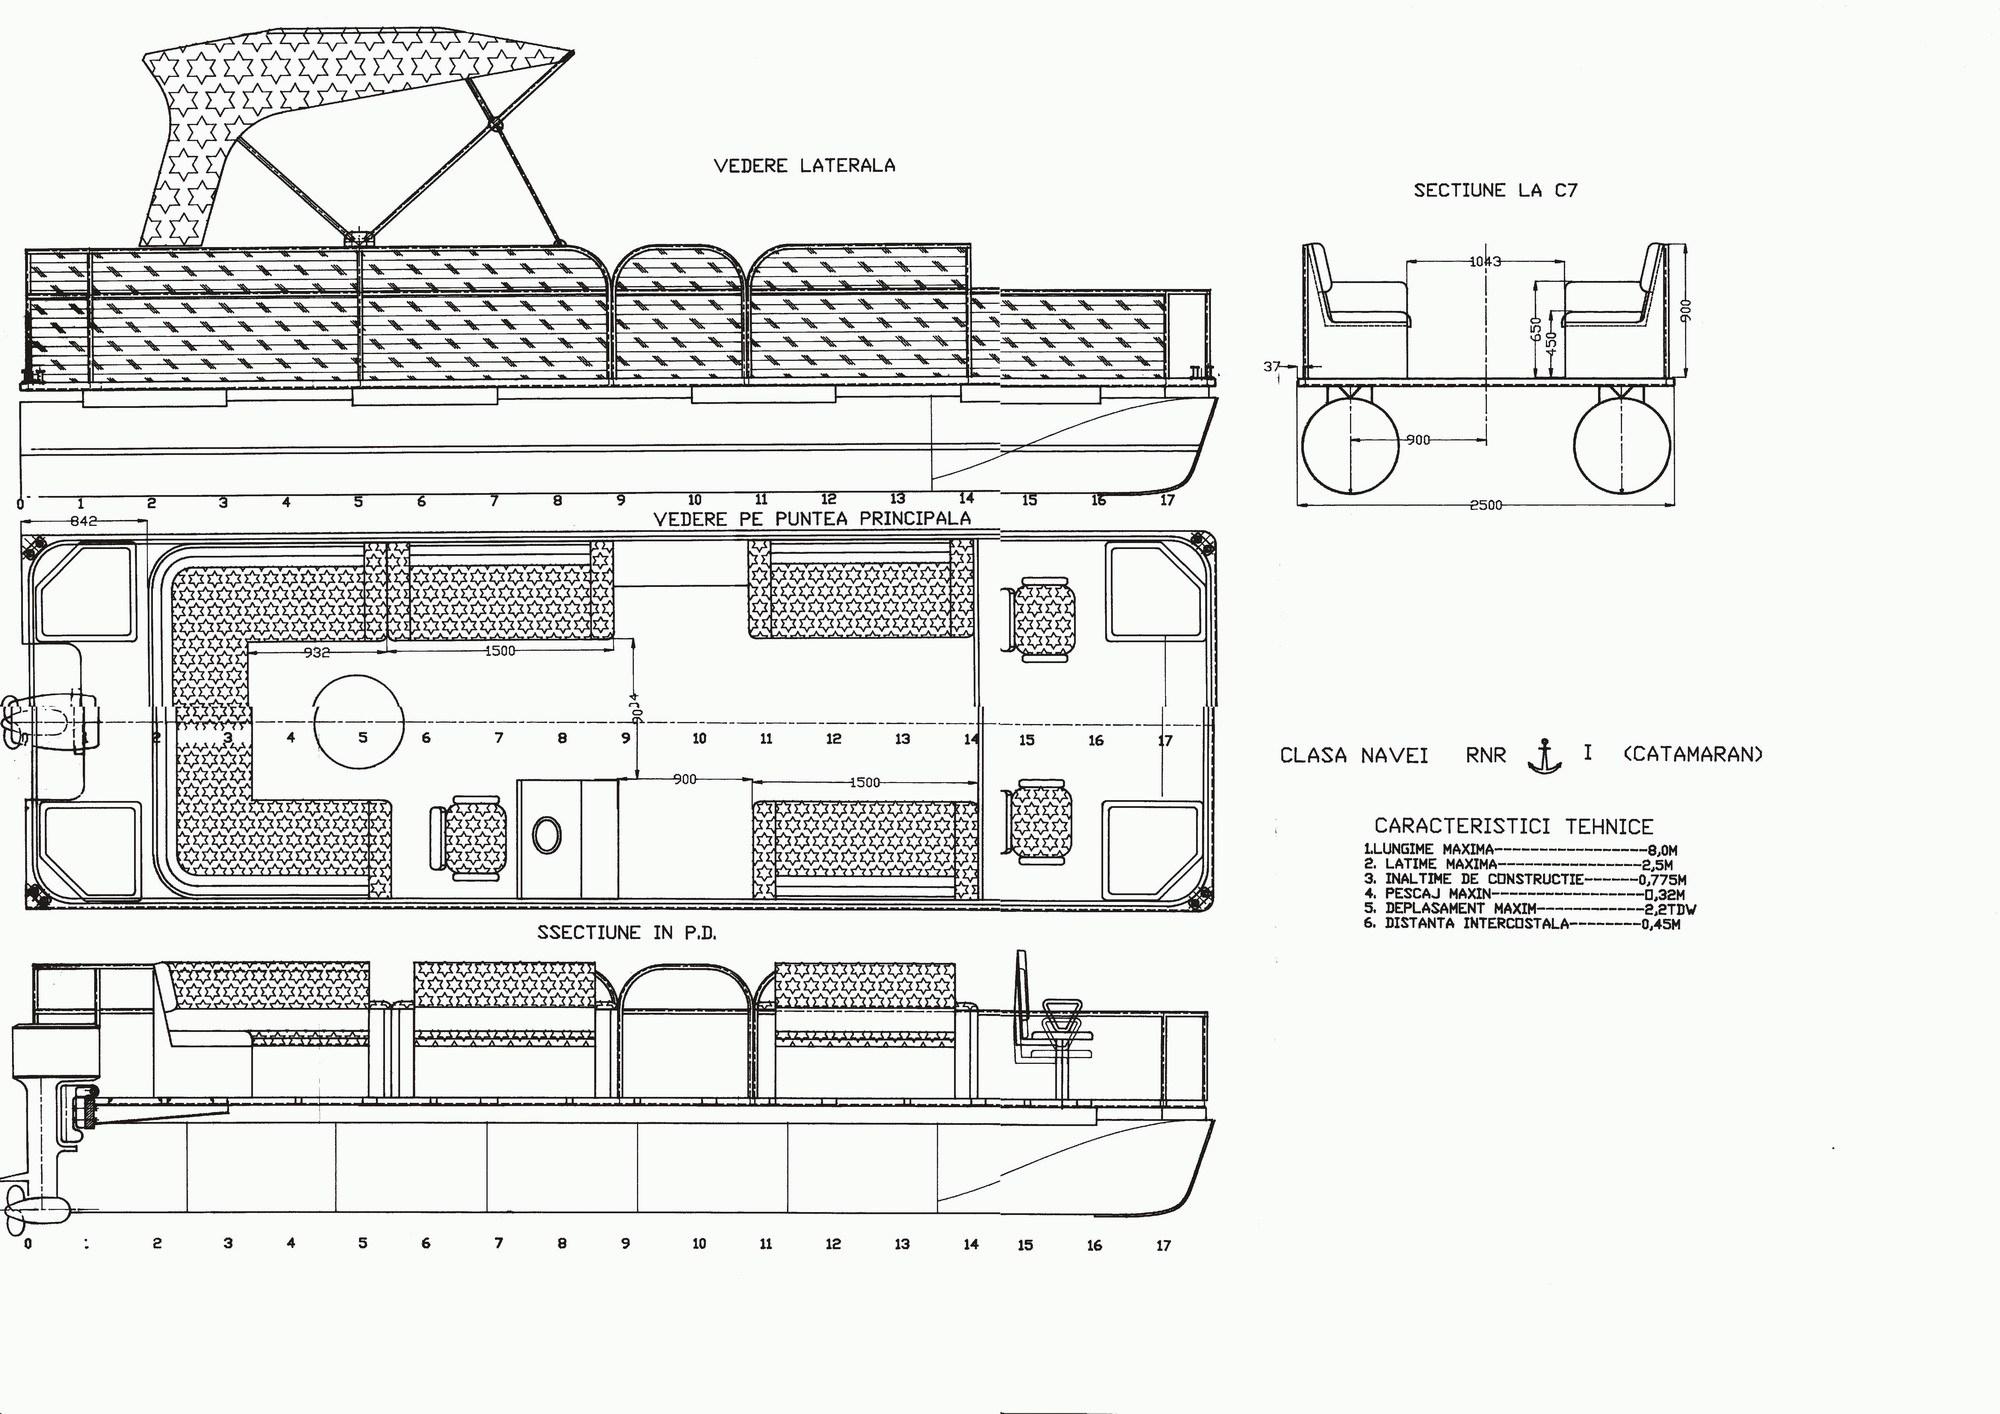 Boat Schematics | Wiring Diagram - Pontoon Boat Wiring Diagram